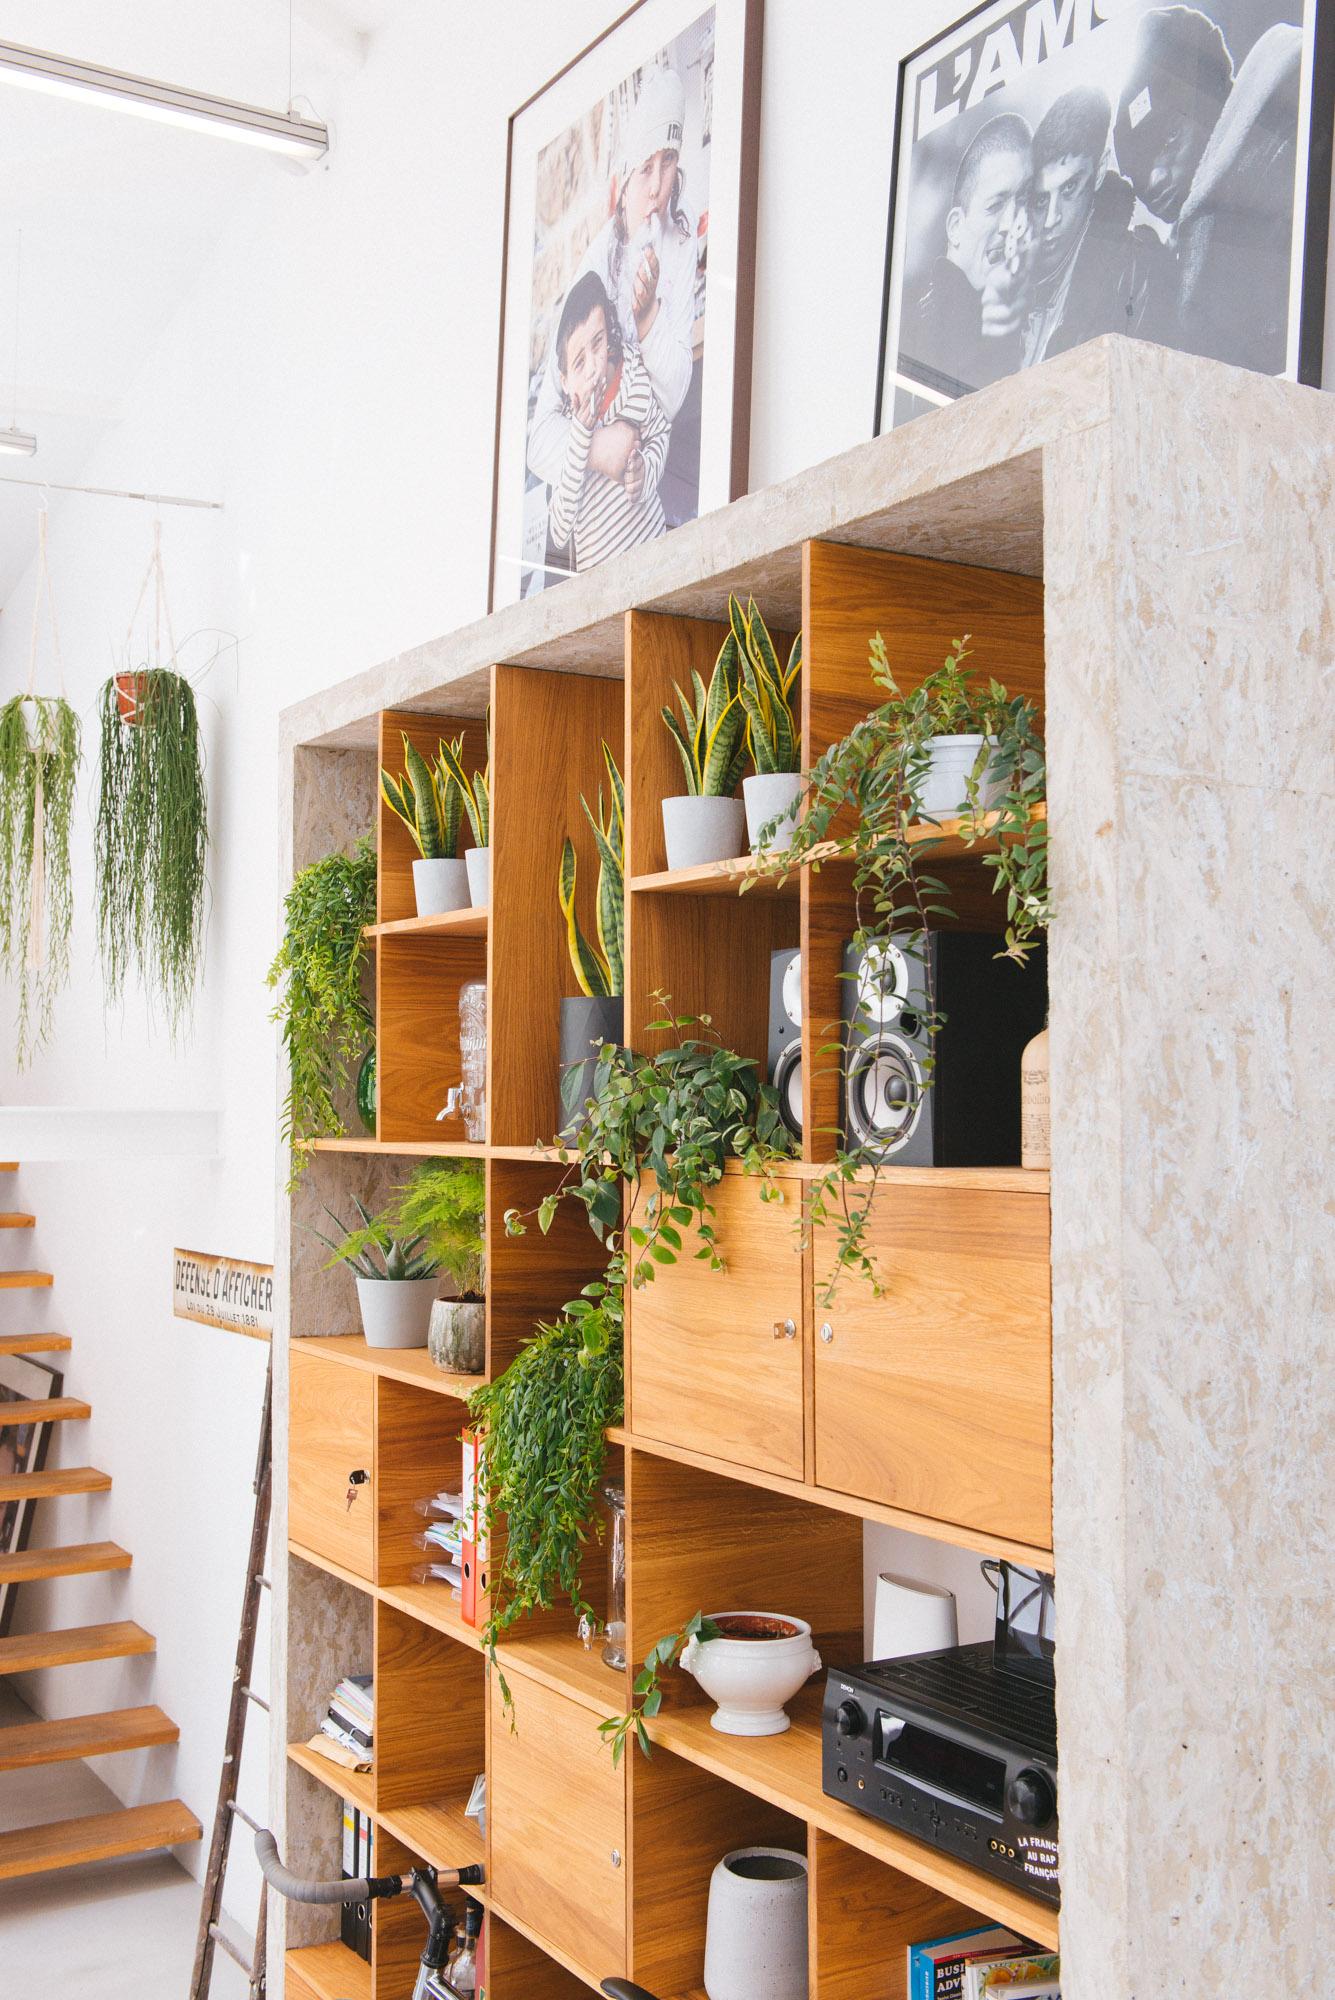 urban jungle bureau végétalisation bureaux décoration végétale d'intérieur